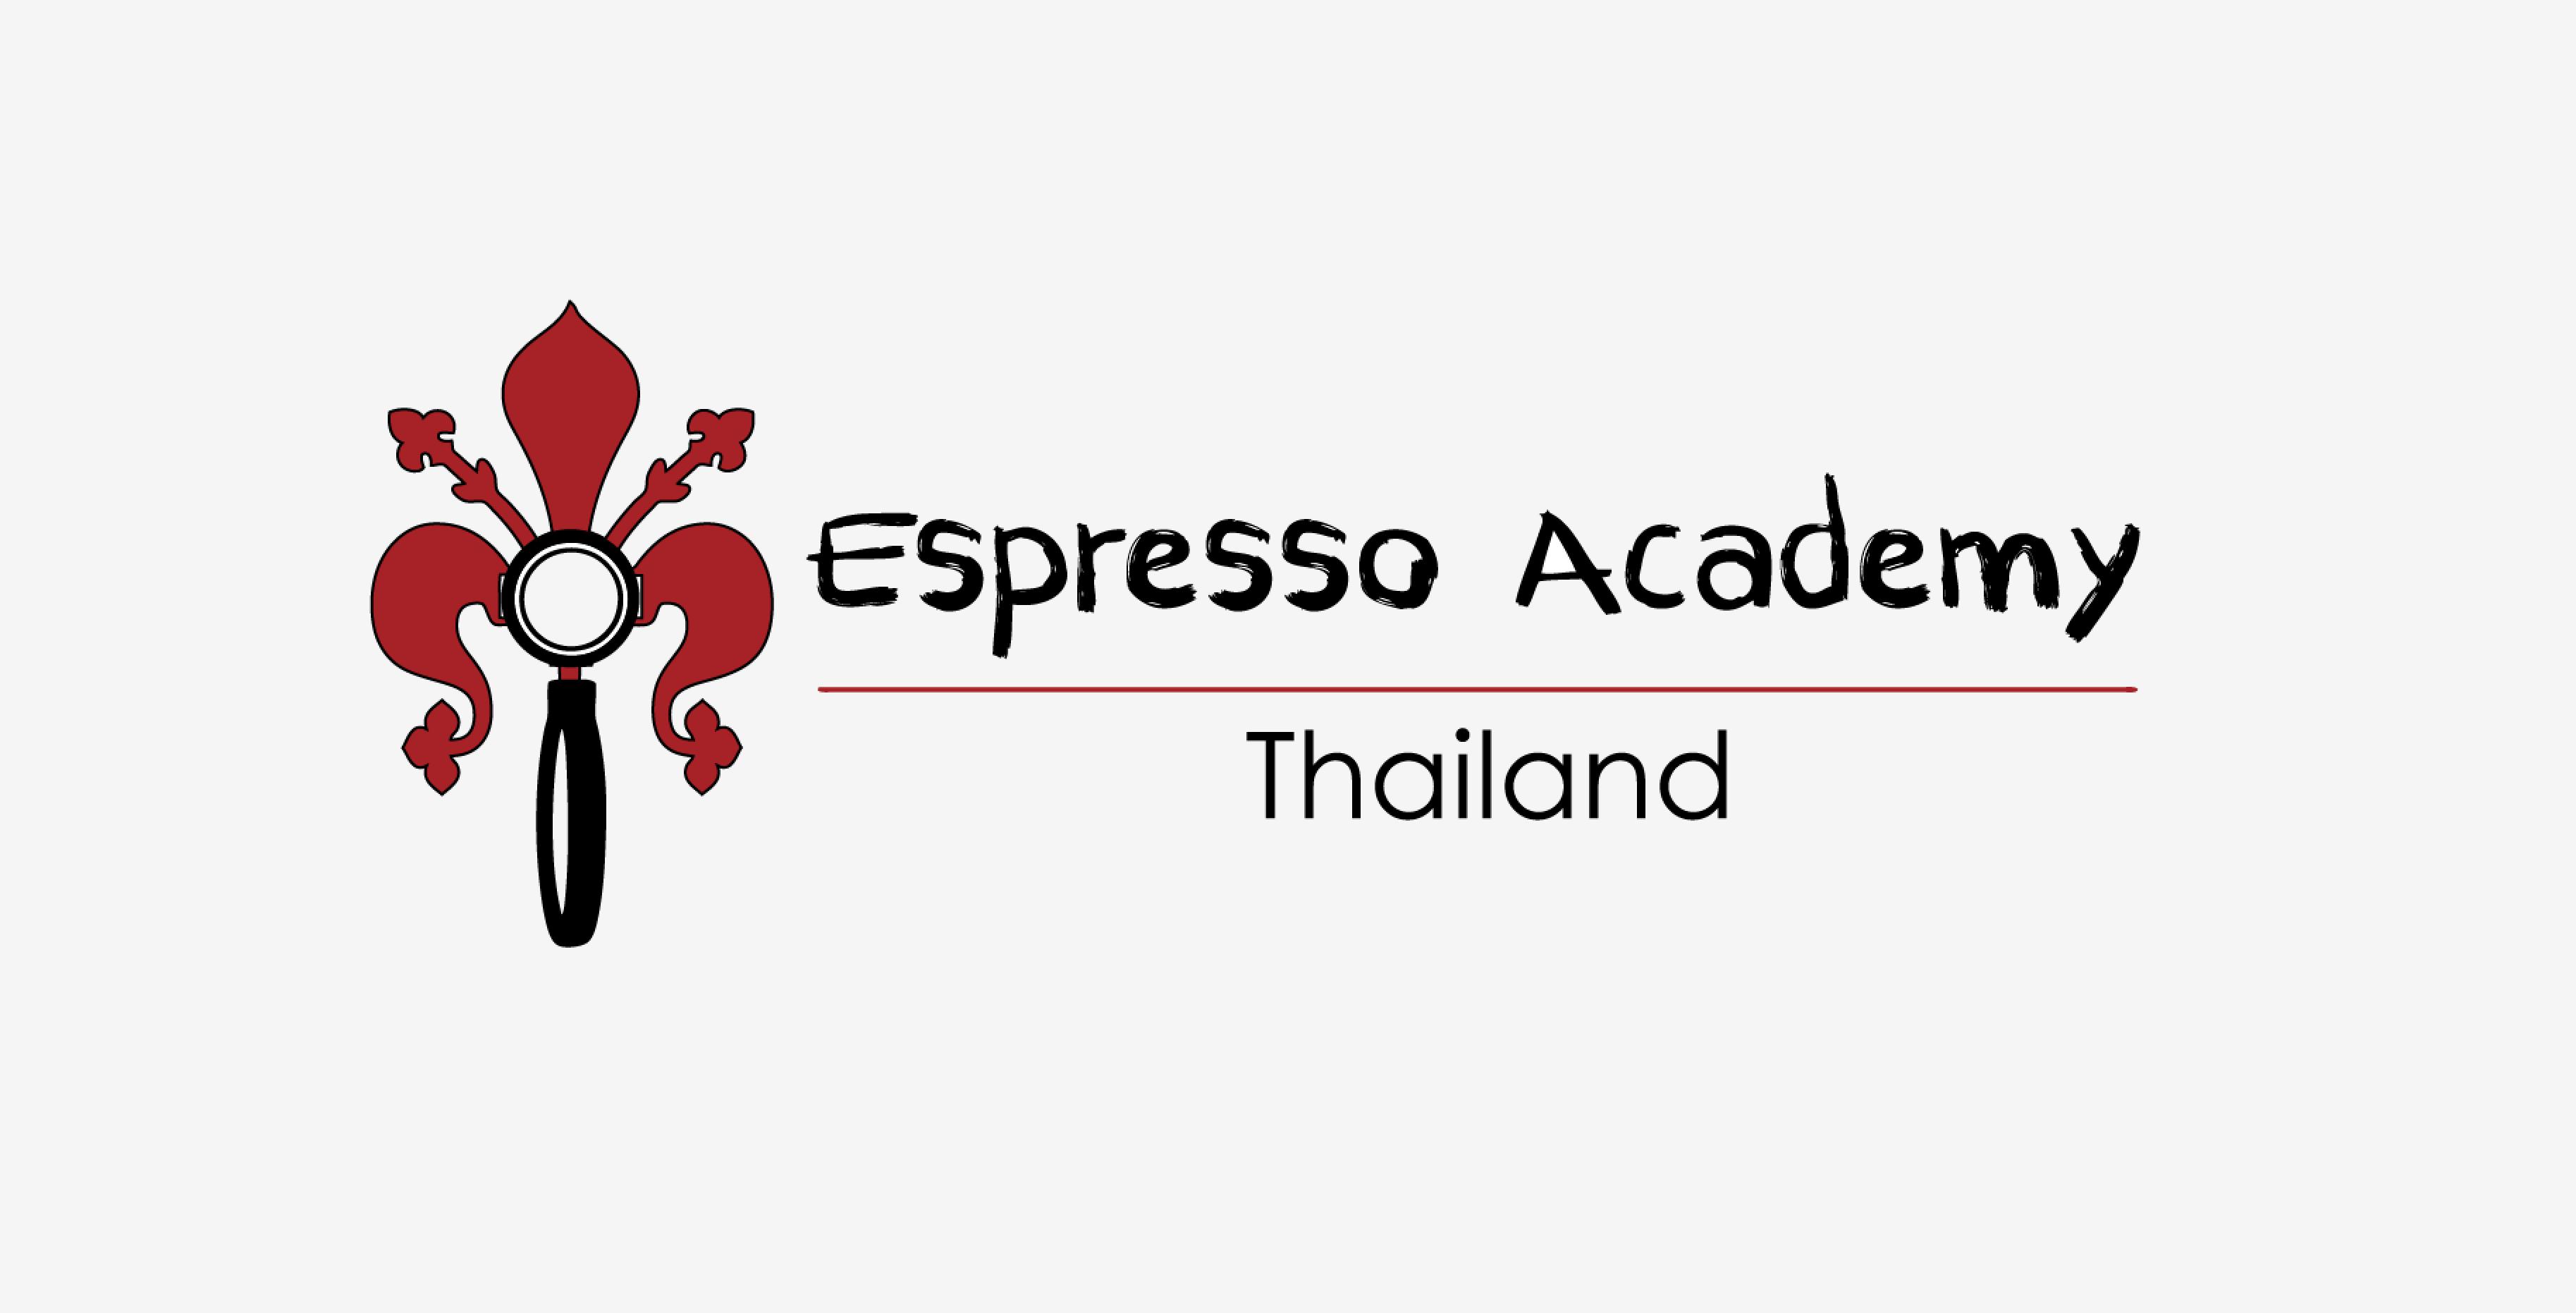 espresso academy thailand horizontal log